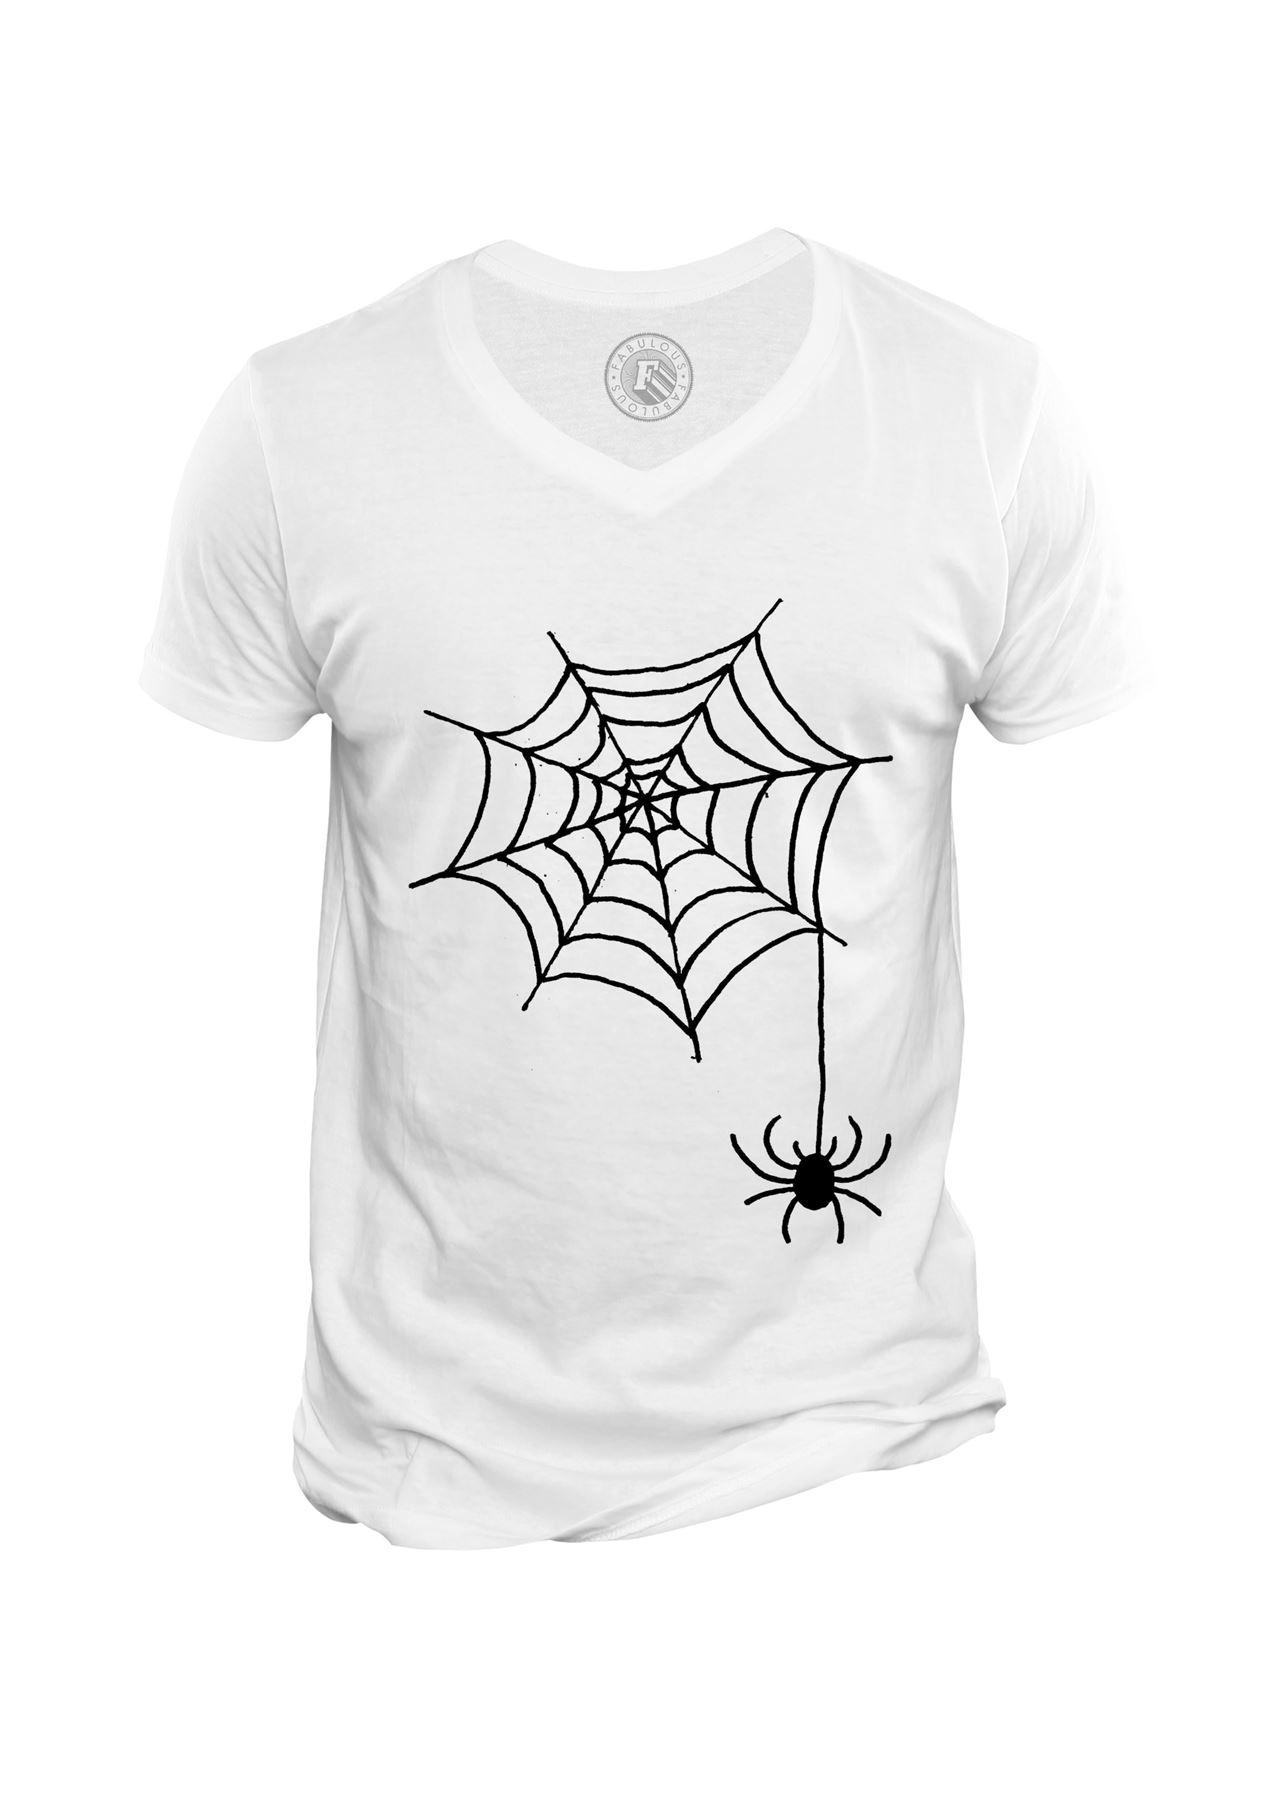 Détails Sur T-Shirt Homme Col V Halloween Araignee Toile Dessin dedans Dessin Toile Araignée